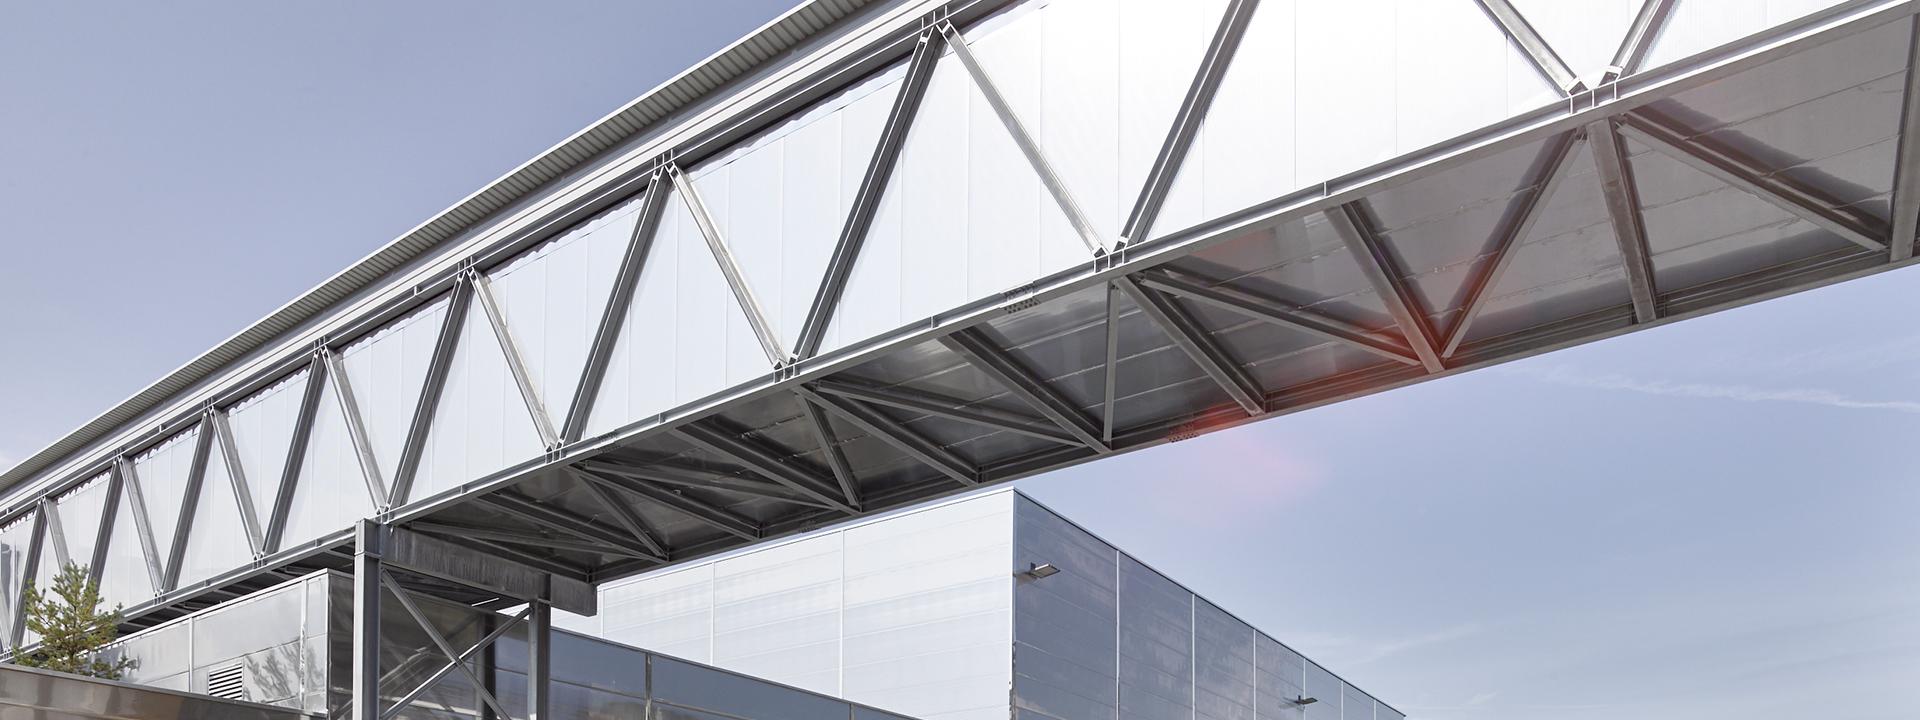 Aussenansicht der Logistikbrücke von MPreis nach Ausbau des Bäckereibetriebs durch IE Food